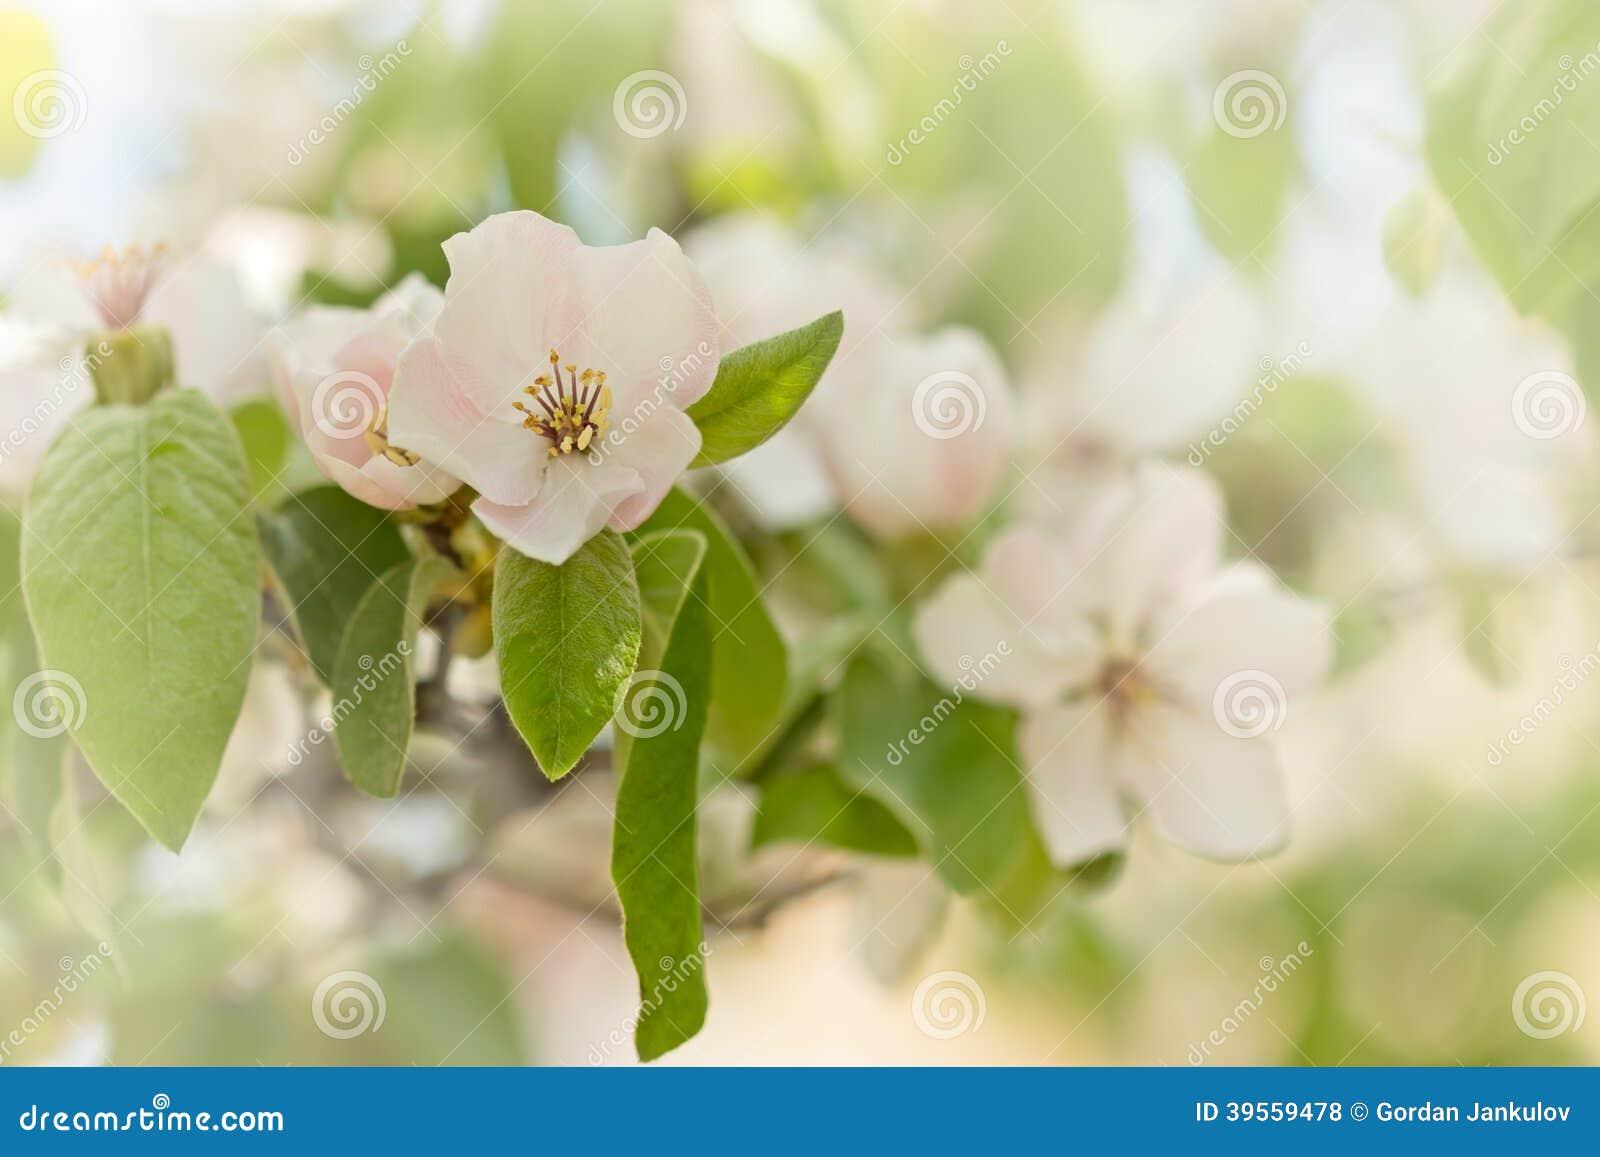 arbre fruitier fleurissant fleur de coing photo stock image du bourgeon personne 39559478. Black Bedroom Furniture Sets. Home Design Ideas